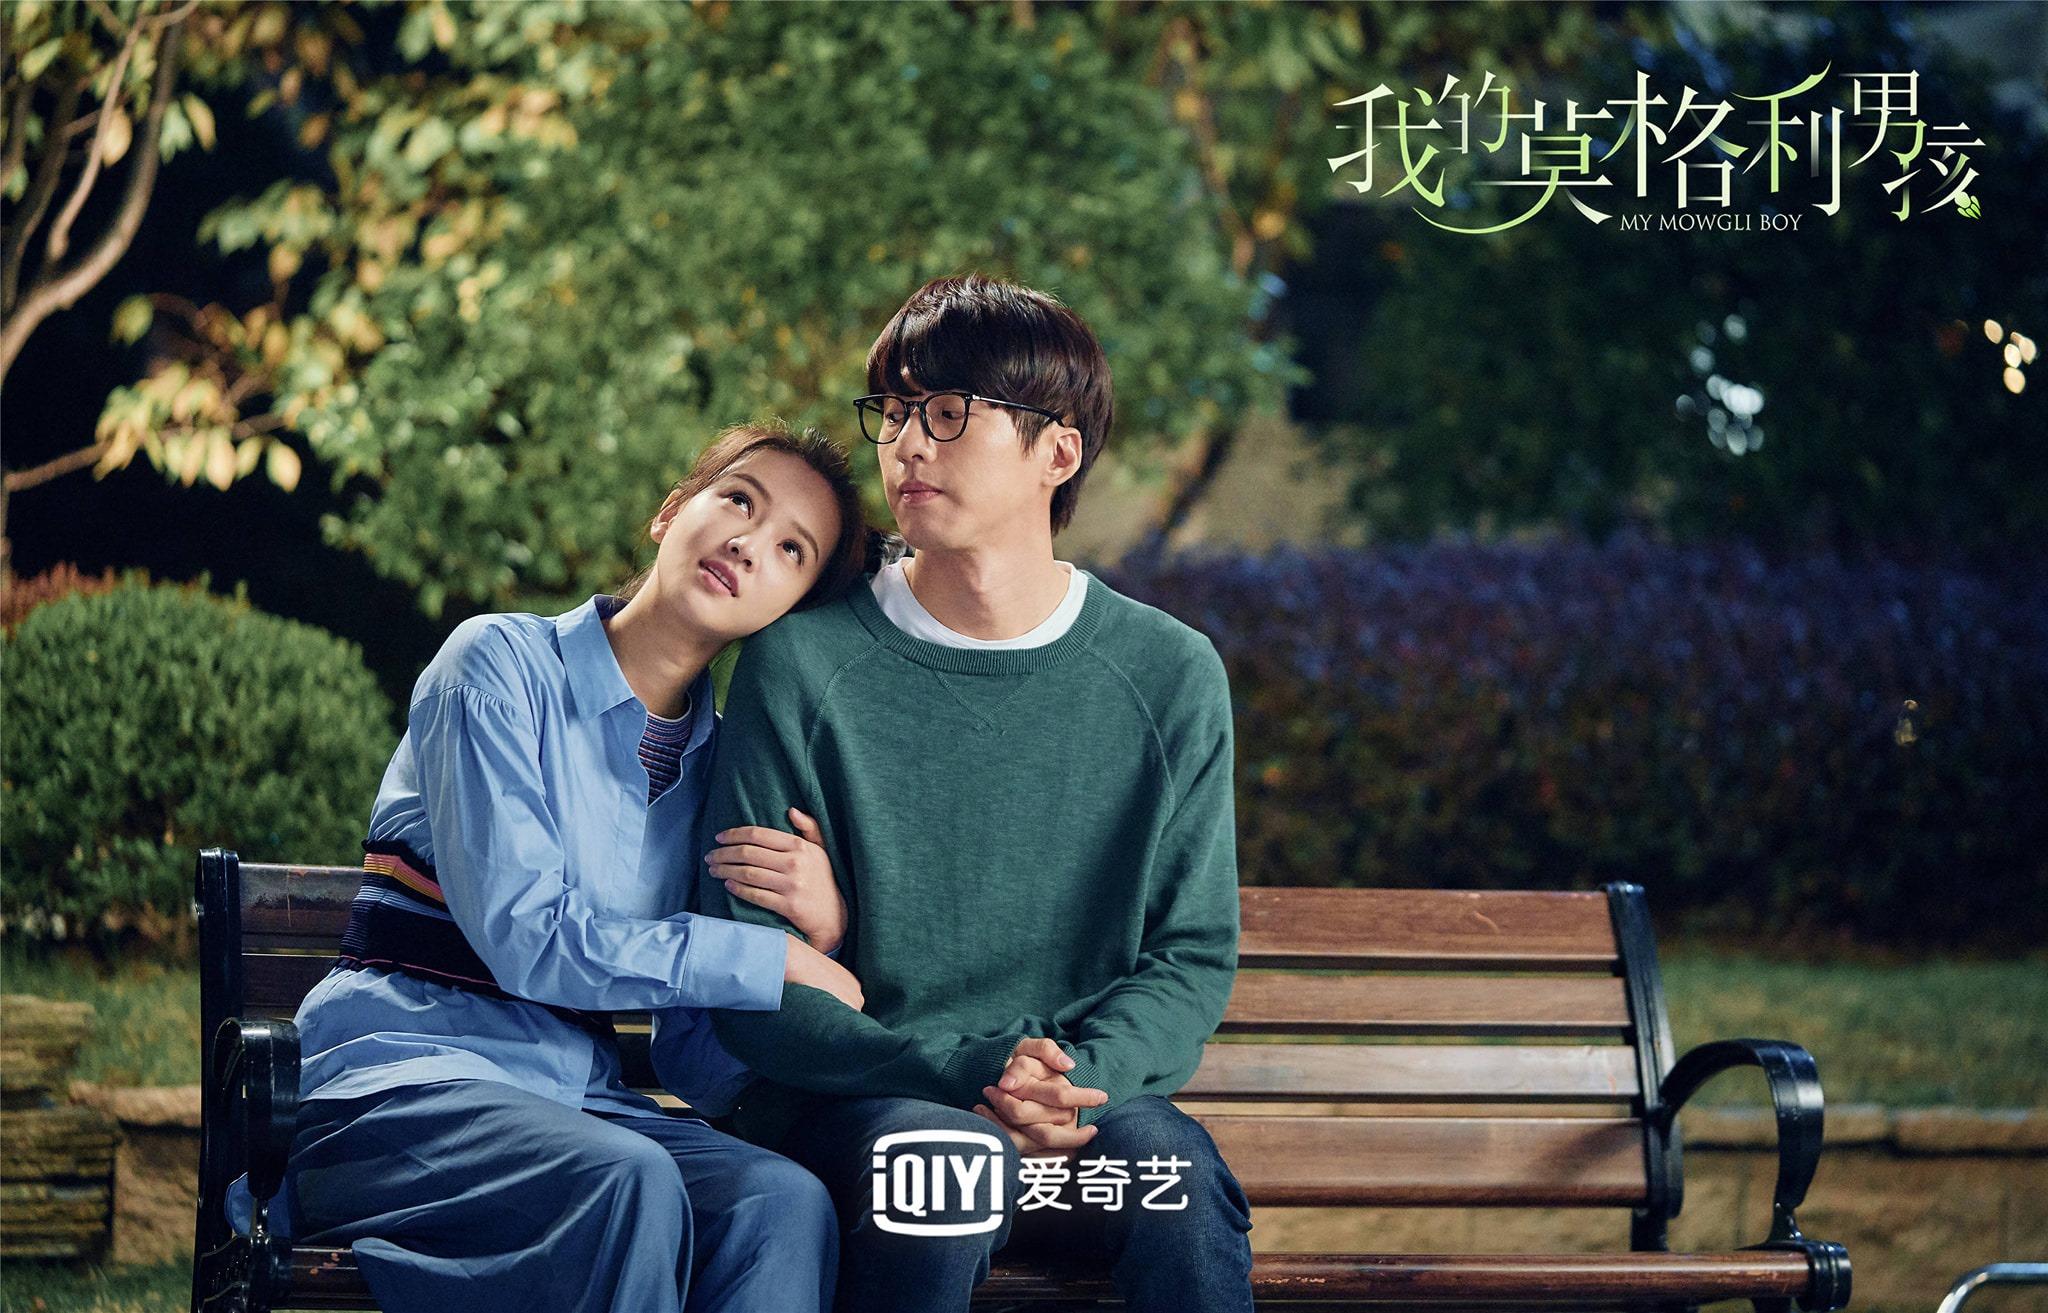 'Chàng trai Mặc Cách Ly của tôi' tung trailer hài hước, Dương Tử - Mã Thiên Vũ đẹp đôi 11